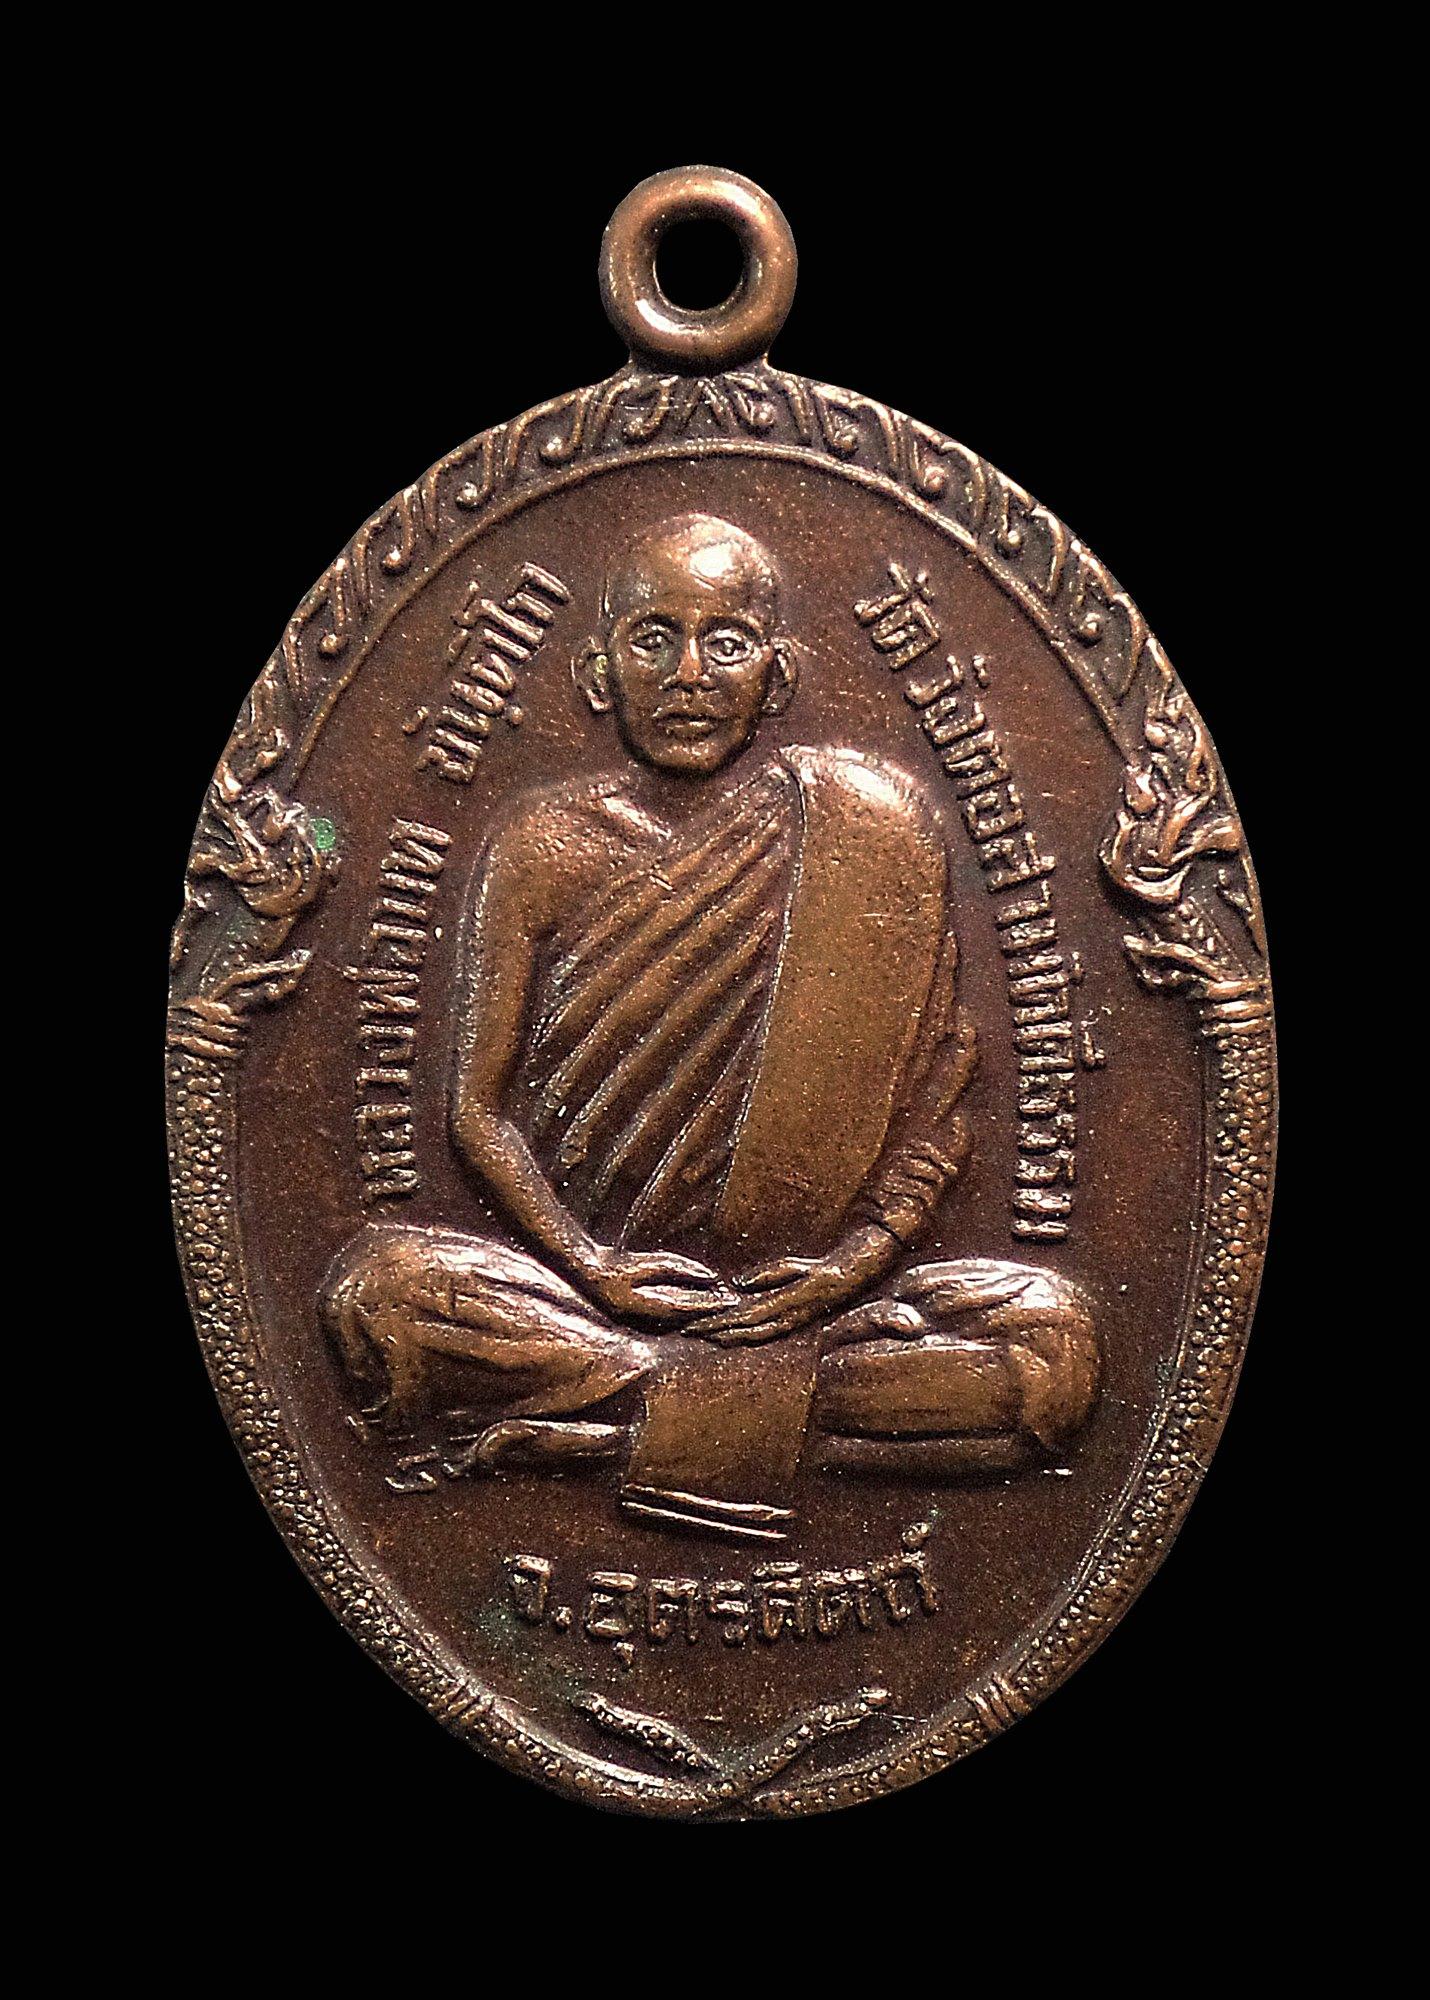 เหรียญหลวงพ่อบท ขันฺติโก วัดวังตอสามักคีธรรม อุตรดิตถ์ ปี2522